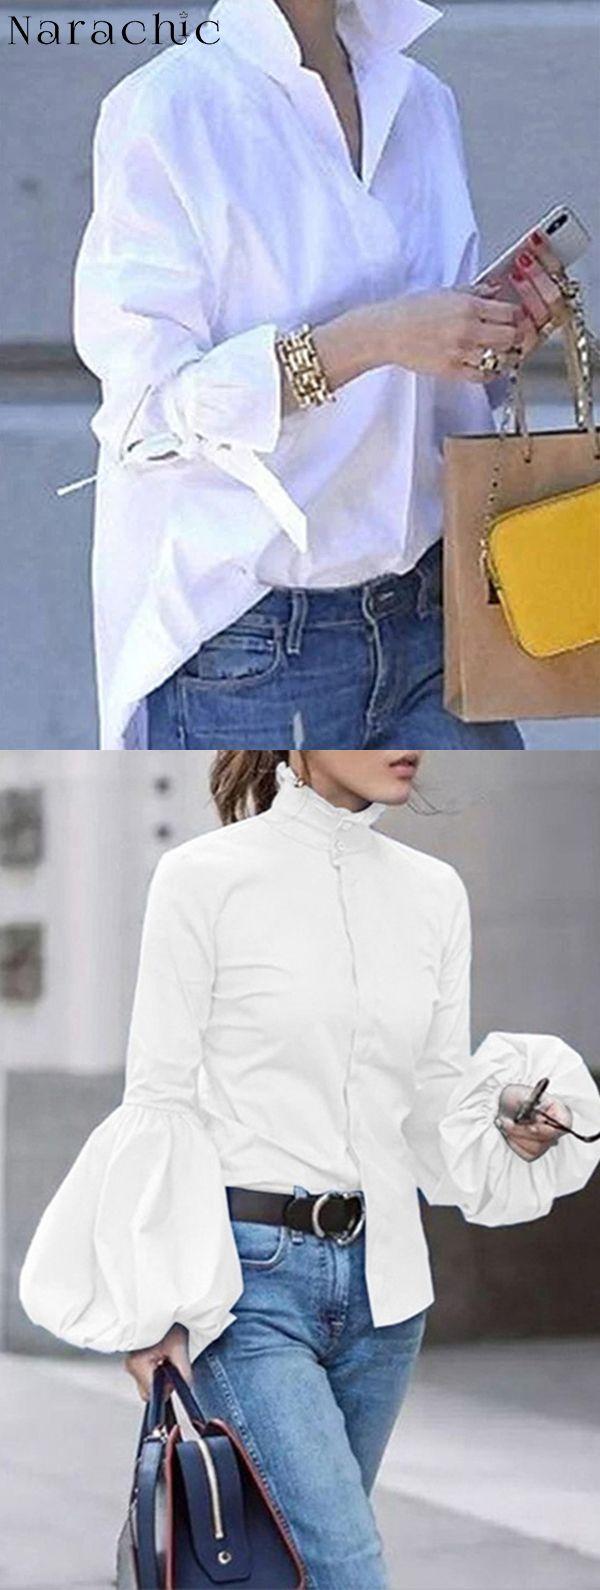 Vendita calda ora! Top di camicetta casual casual giornaliero bianco